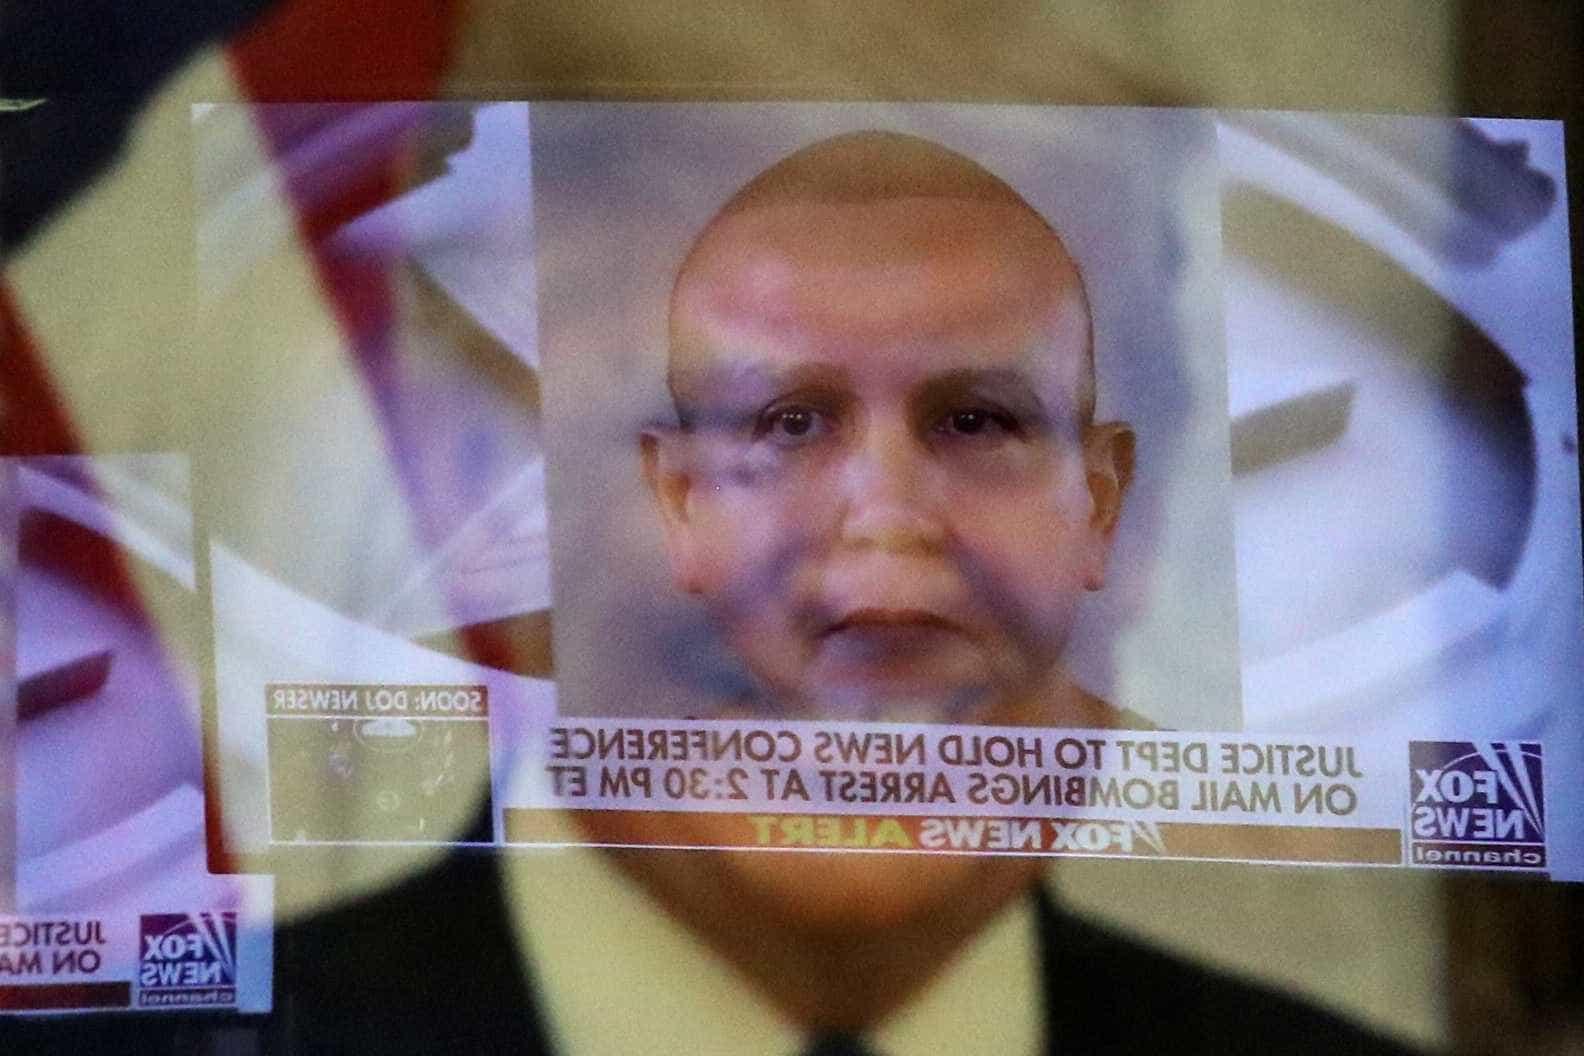 Suspeito de enviar pacotes-bomba nos EUA é julgado em NY